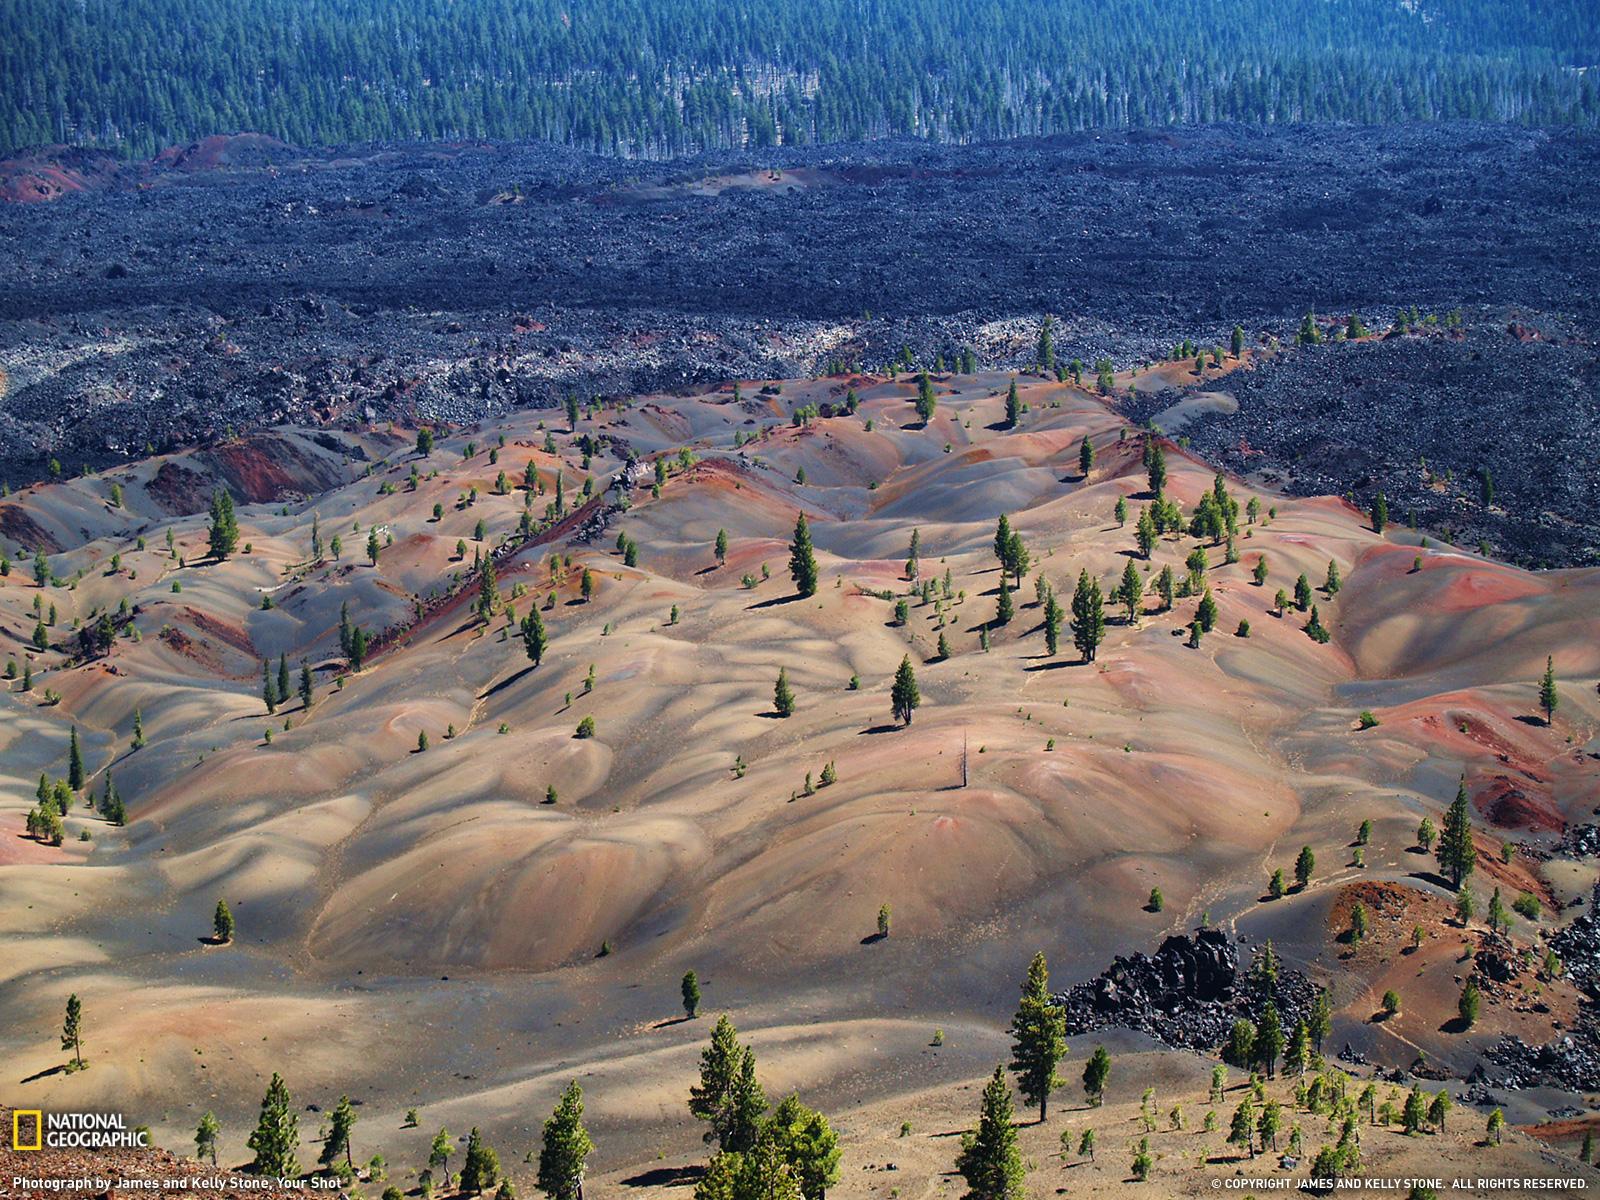 ラッセン火山国立公園 カリフォルニア州 ナショナルジオ